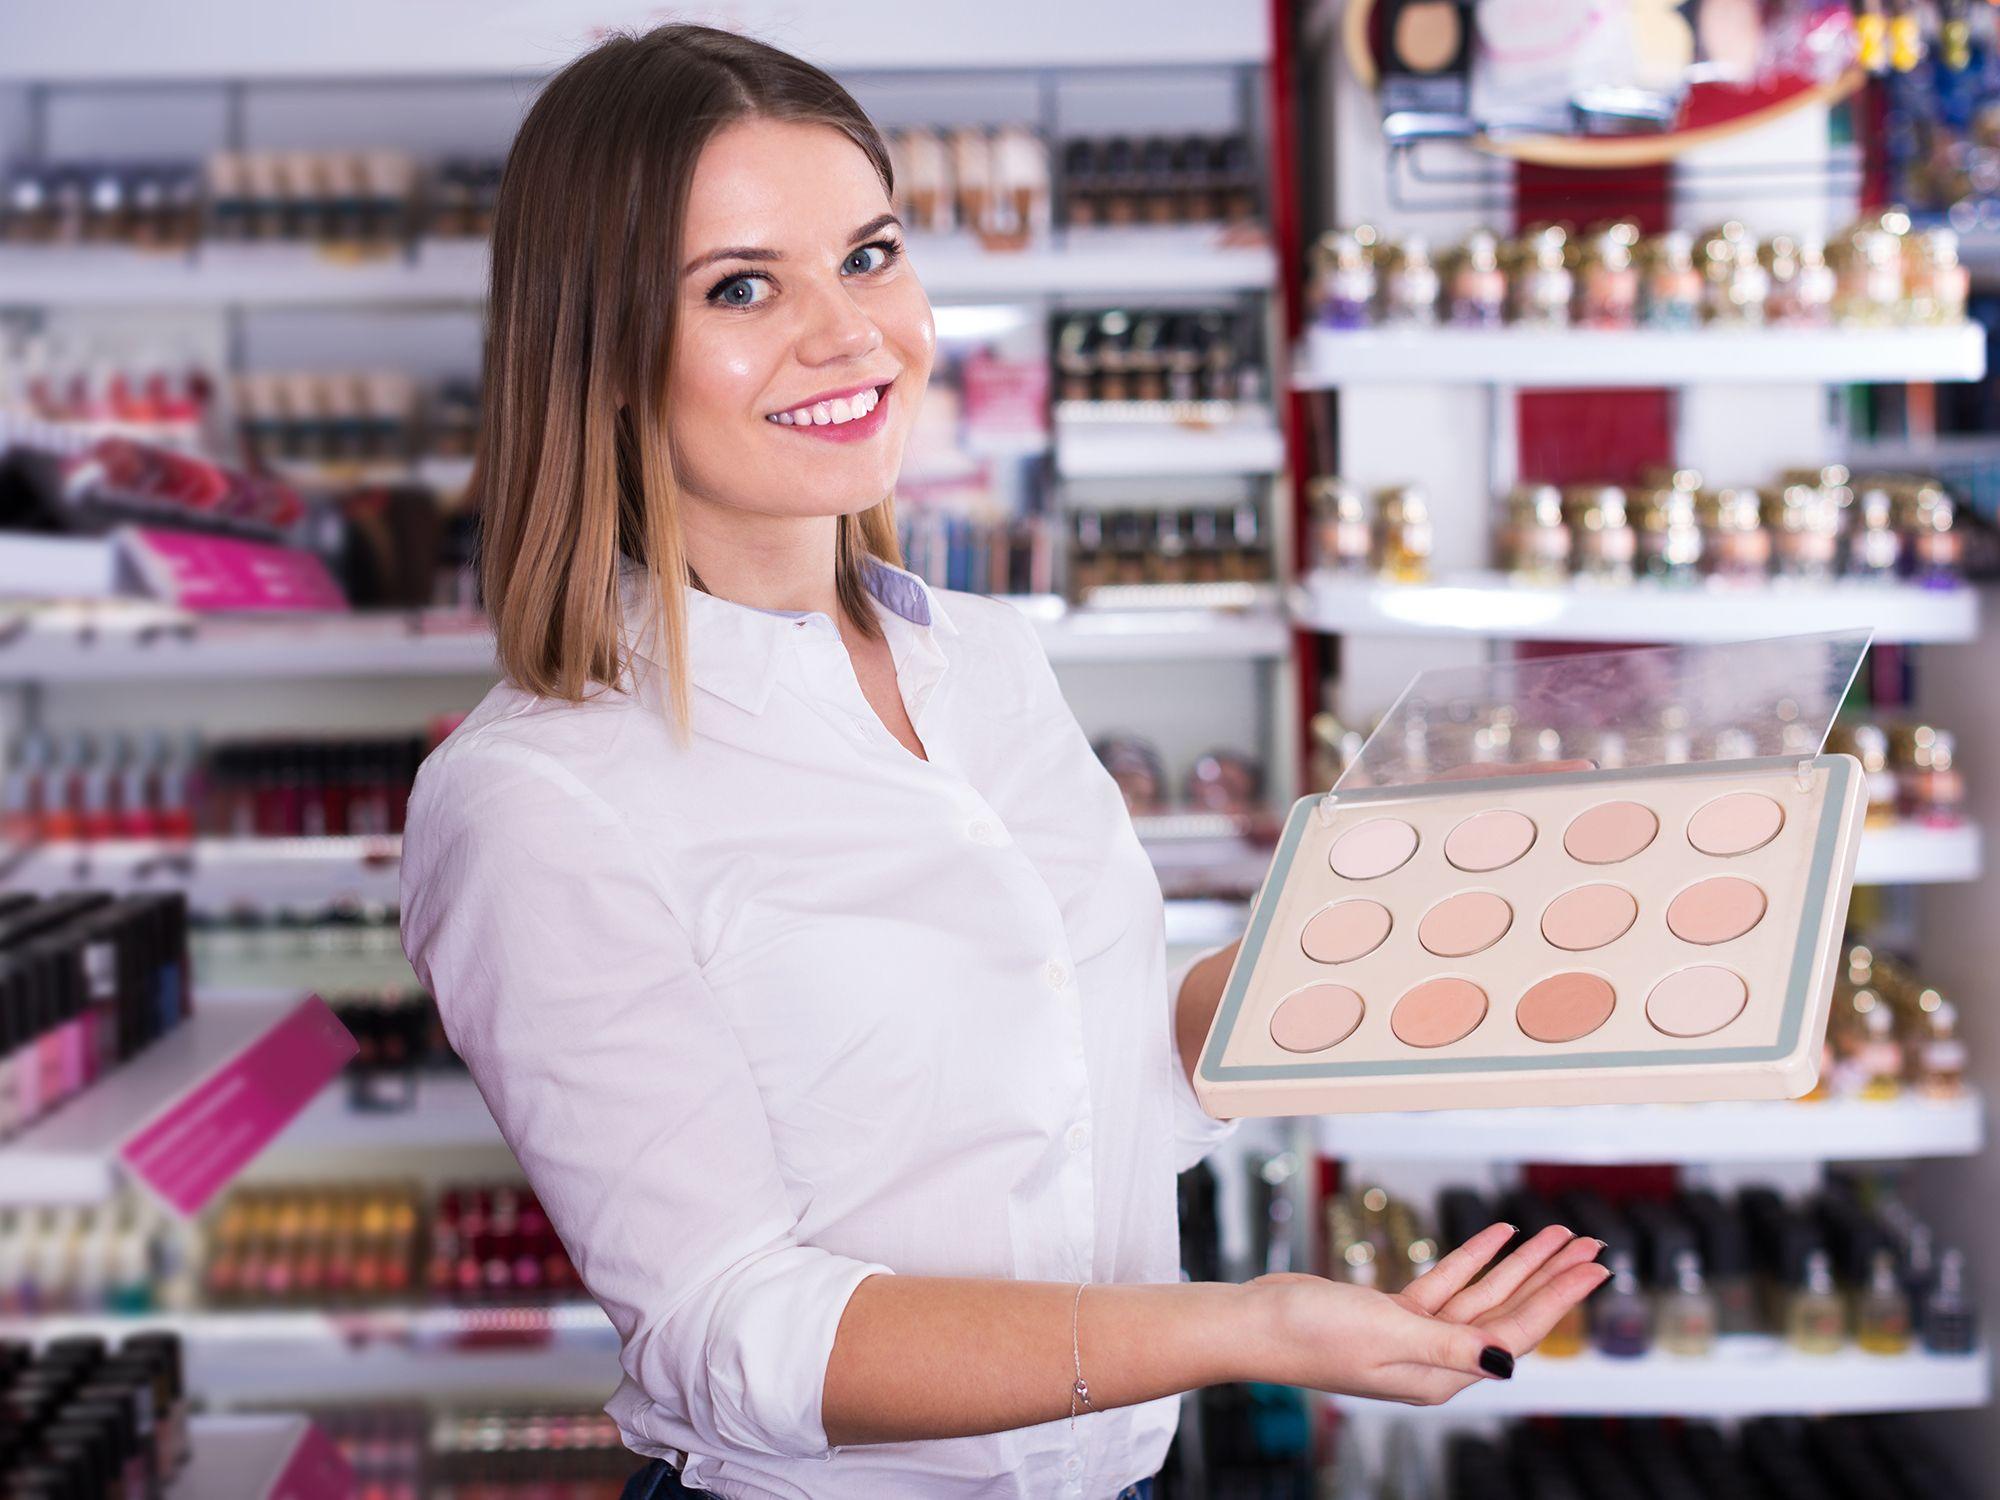 Level 3 - Verkäufer wie Verkaufsprofis, Verkaufstalente, Textilverkäufer, Bäckereiverkäufer, Elektronikverkäufer, Fachverkäufer, Verkaufsberater, Verkaufsmanager, Verkauf Aushilfen, Vertriebsprofis, Verkaufsexperten, Verkaufsmitarbeiter, Vertriebler, Verkaufspersonal, Vertriebspersonal und Servicepersonal wie Dekorateure, Inventurhelfer, Kassenmitarbeiter, Lieferfahrer, Merchandiser, Mysteryshopper, Pop-up-Verkäufer, Rackjobber, Testkäufer, Verkaufsaushilfen, Warenverräumer, Verkaufsprofis, Verkaufstalente, Textilverkäufer, Bäckereiverkäufer, Elektronikverkäufer, Fachverkäufer, Verkaufsberater, Verkaufsmanager, Vertriebsprofis, Verkaufsexperten, Verkaufsmitarbeiter, Leiharbeiter, Zeitarbeiter, Leiharbeitnehmer, Leihkraft und Temporärarbeiter bei uns als Personalagentur, Zeitarbeitsfirma, Zeitarbeitsunternehmen, Personal-Service-Agentur, Personaldienstleistungsagentur und Leiharbeitsfirma per Arbeitnehmer-Leasing, Arbeitnehmerüberlassung, Arbeitskräfte-Leasing, Arbeitskräfteüberlassung, Arbeitskraftüberlassung, Leiharbeit, Mitarbeiter-Leasing, Mitarbeiterleasing, Mitarbeiterüberlassung, Personaldienstleistung, Personalleasing, Personalüberlassung, Temporärarbeit, Zeitarbeit für den Einzelhandel, Kundenservice, Kundenbetreuung, Kundenbindung, Außenhandel, Außendienst, Vertrieb, Direktvertrieb, Vertriebsberatung, Verkaufsförderung, Absatzförderung, Verkaufsinnendienst, Verkaufsabteilung und Großhandel zwecks direkter Personalvermittlung oder Zeitarbeit per Arbeitnehmerüberlassung und Personalüberlassung für den Einzelhandel, Kundenservice, Kundenbetreuung, Kundenbindung, Außenhandel, Außendienst, Vertrieb, Direktvertrieb, Vertriebsberatung, Verkaufsförderung, Absatzförderung, Verkaufsinnendienst, Verkaufsabteilung und Großhandel buchen, mieten, leihen oder langfristig neue Mitarbeiter für Jobs wie Schülerjobs, Verkaufsjobs, Ferienjobs, Aushilfsjobs, Studentenjobs, Werkstudentenjobs, Saisonjobs, Vollzeit Jobs, Teilzeit Jobs, Nebenjobs, Temporär Jobs, Gelegenheitsjobs pe